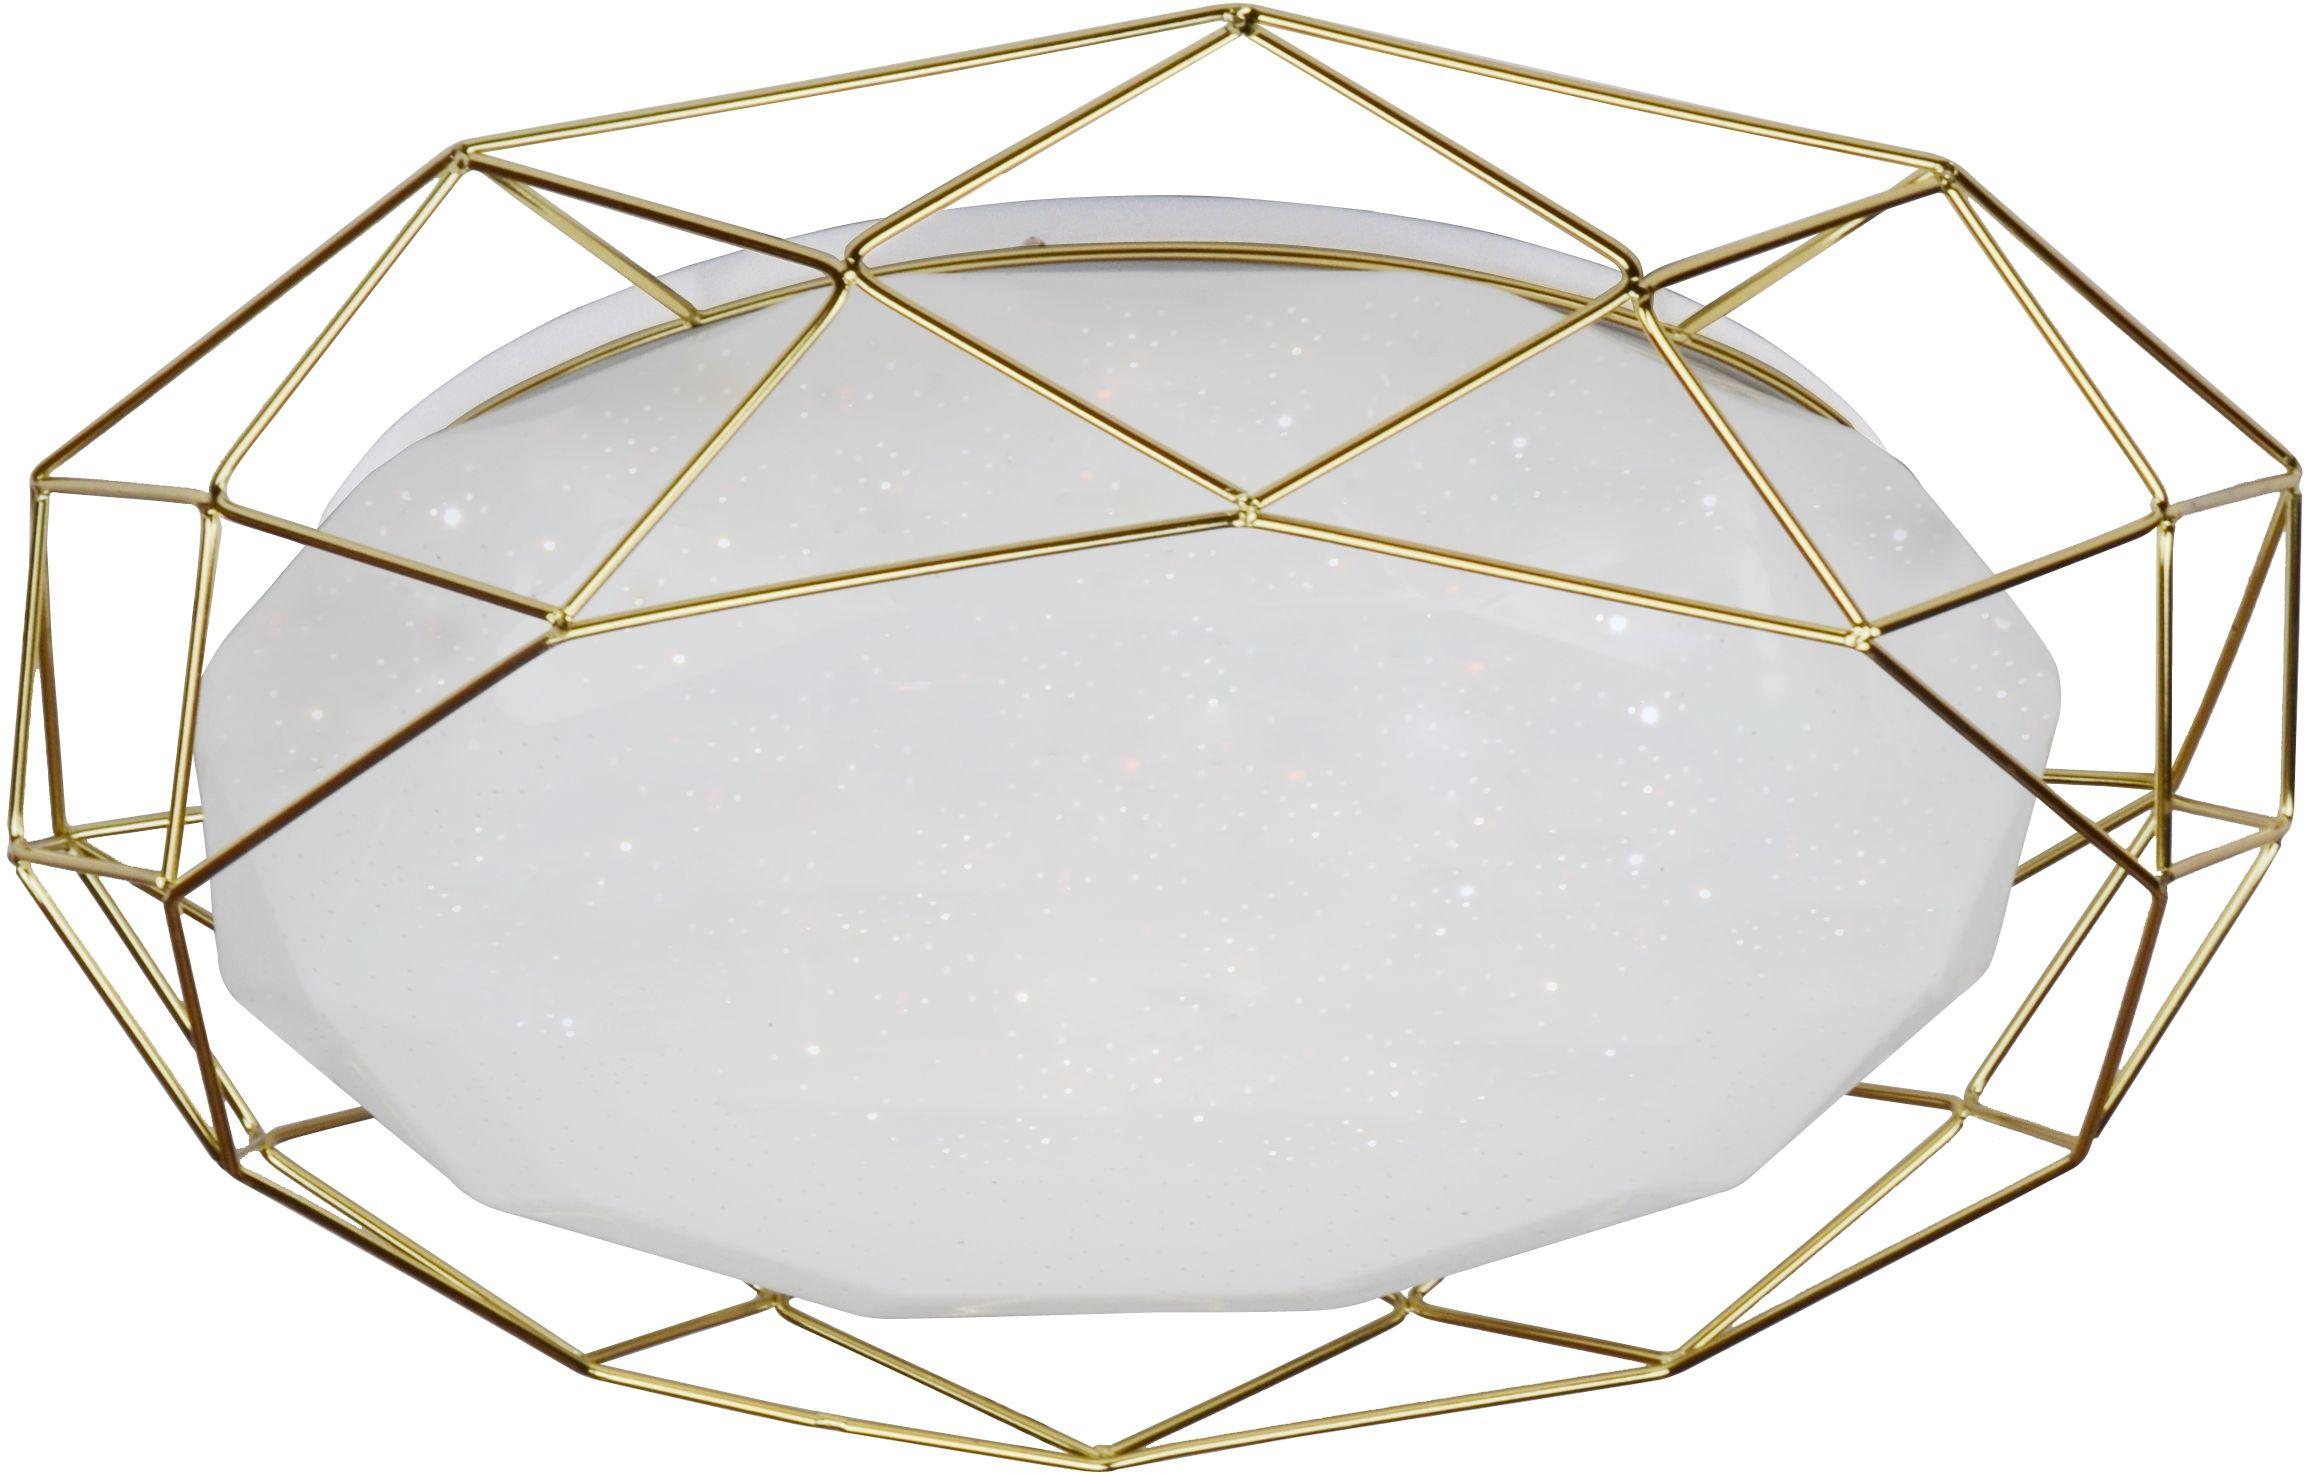 Candellux SVEN 98-66312 plafon lampa sufitowa akrylowy klosz 24W LED 3000K złoty 43cm